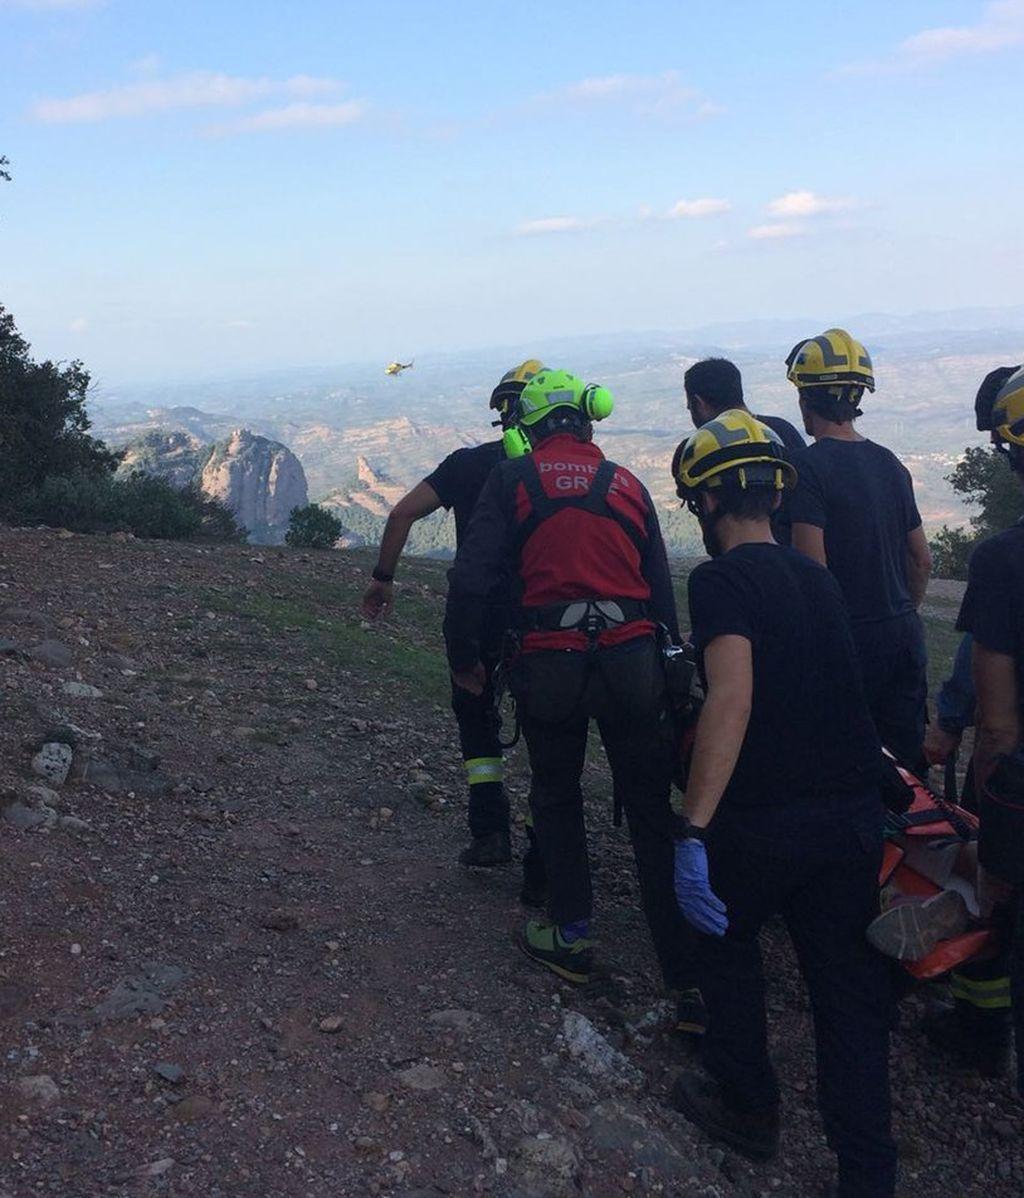 Muere un excursionista de 43 años que realizaba una ruta cerca de Setcases, Girona